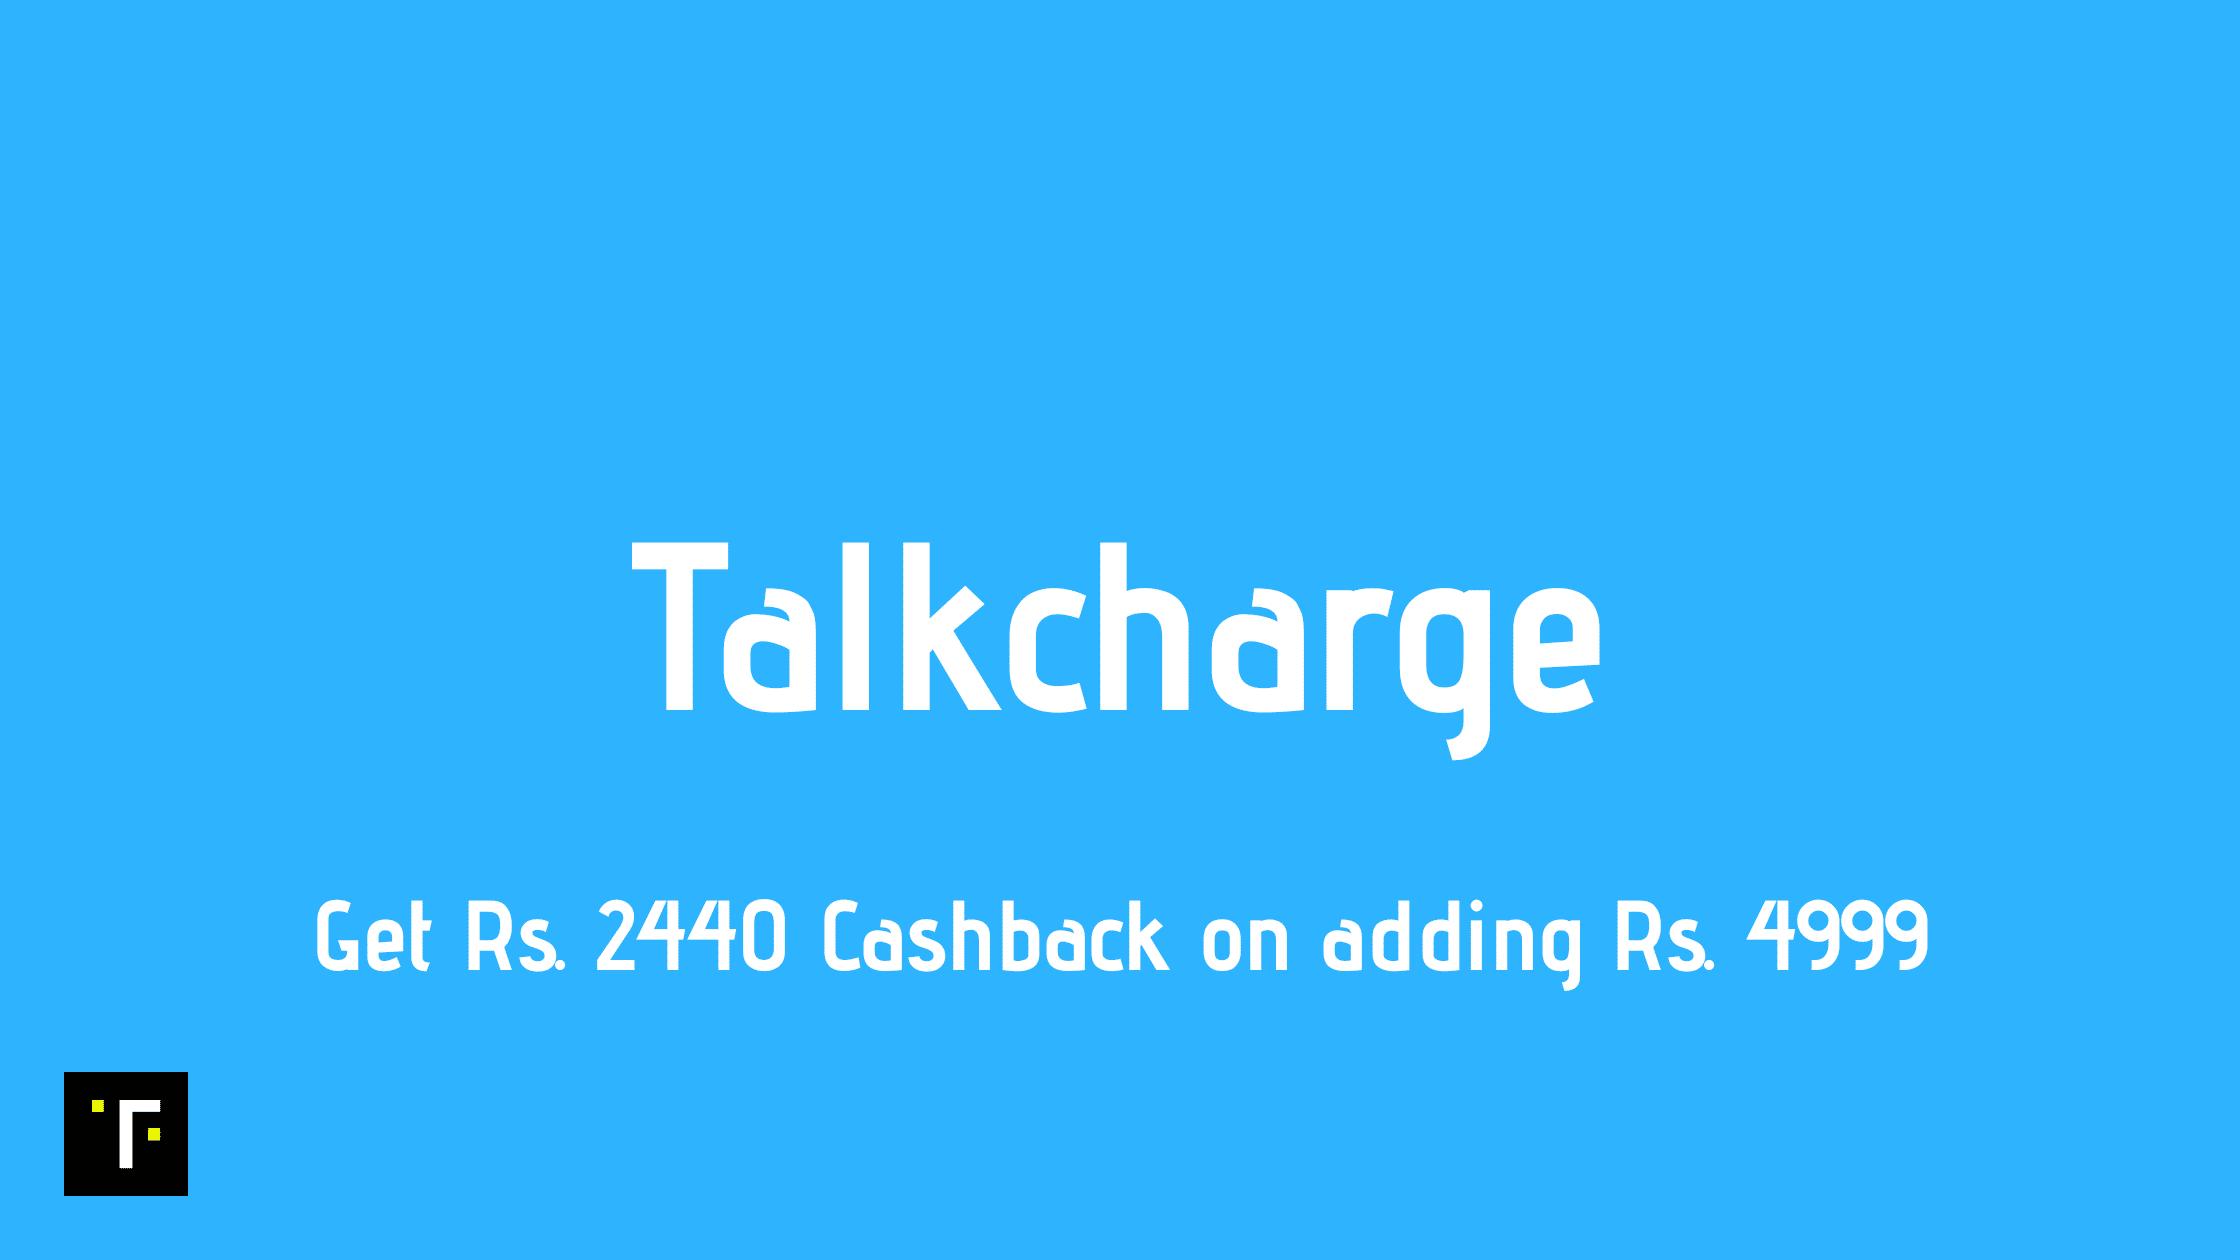 Get Rs. 2440 Cashback on adding Rs. 4999